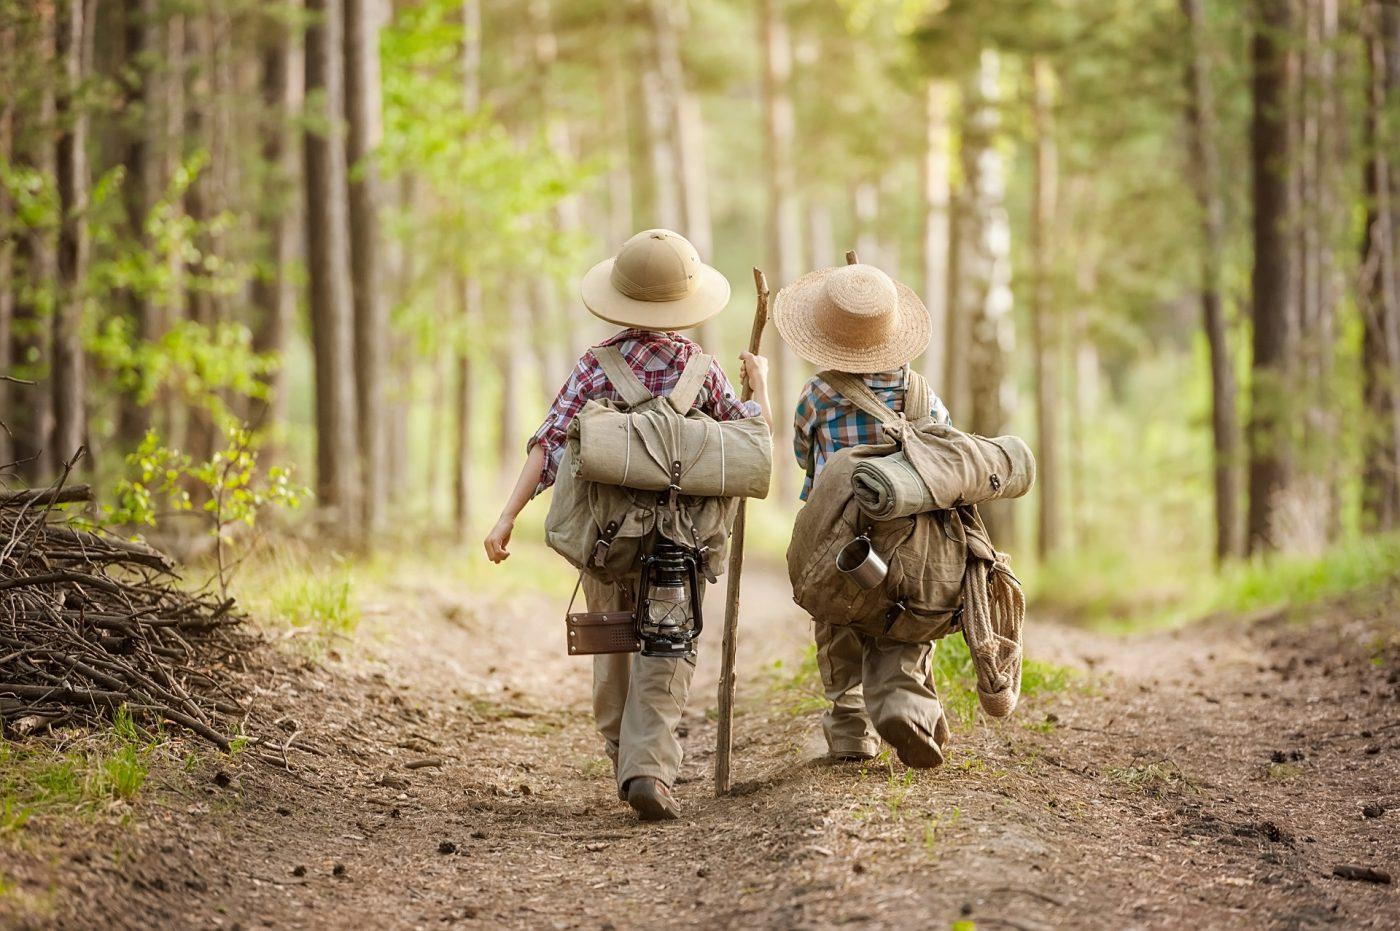 Gdzie na wakacje z dzieckiem? Atrakcje dla dzieci w Polsce